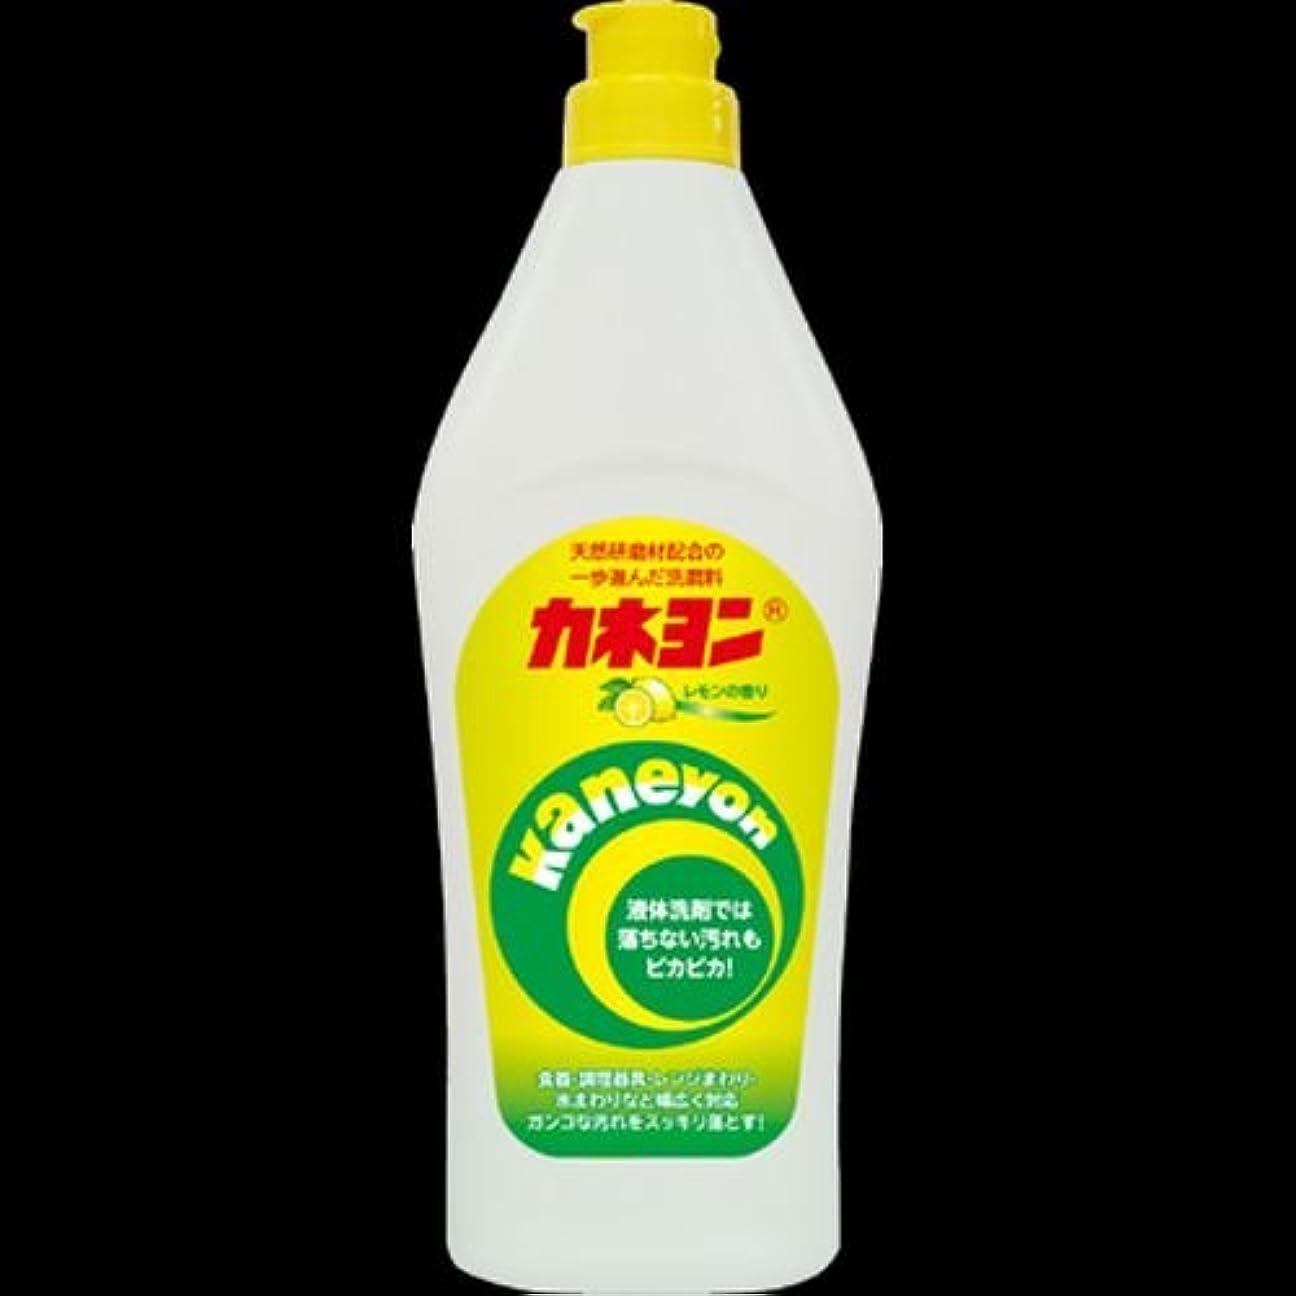 絶壁骨掃く【まとめ買い】カネヨ石鹸 カネヨンレモン 550g ×2セット